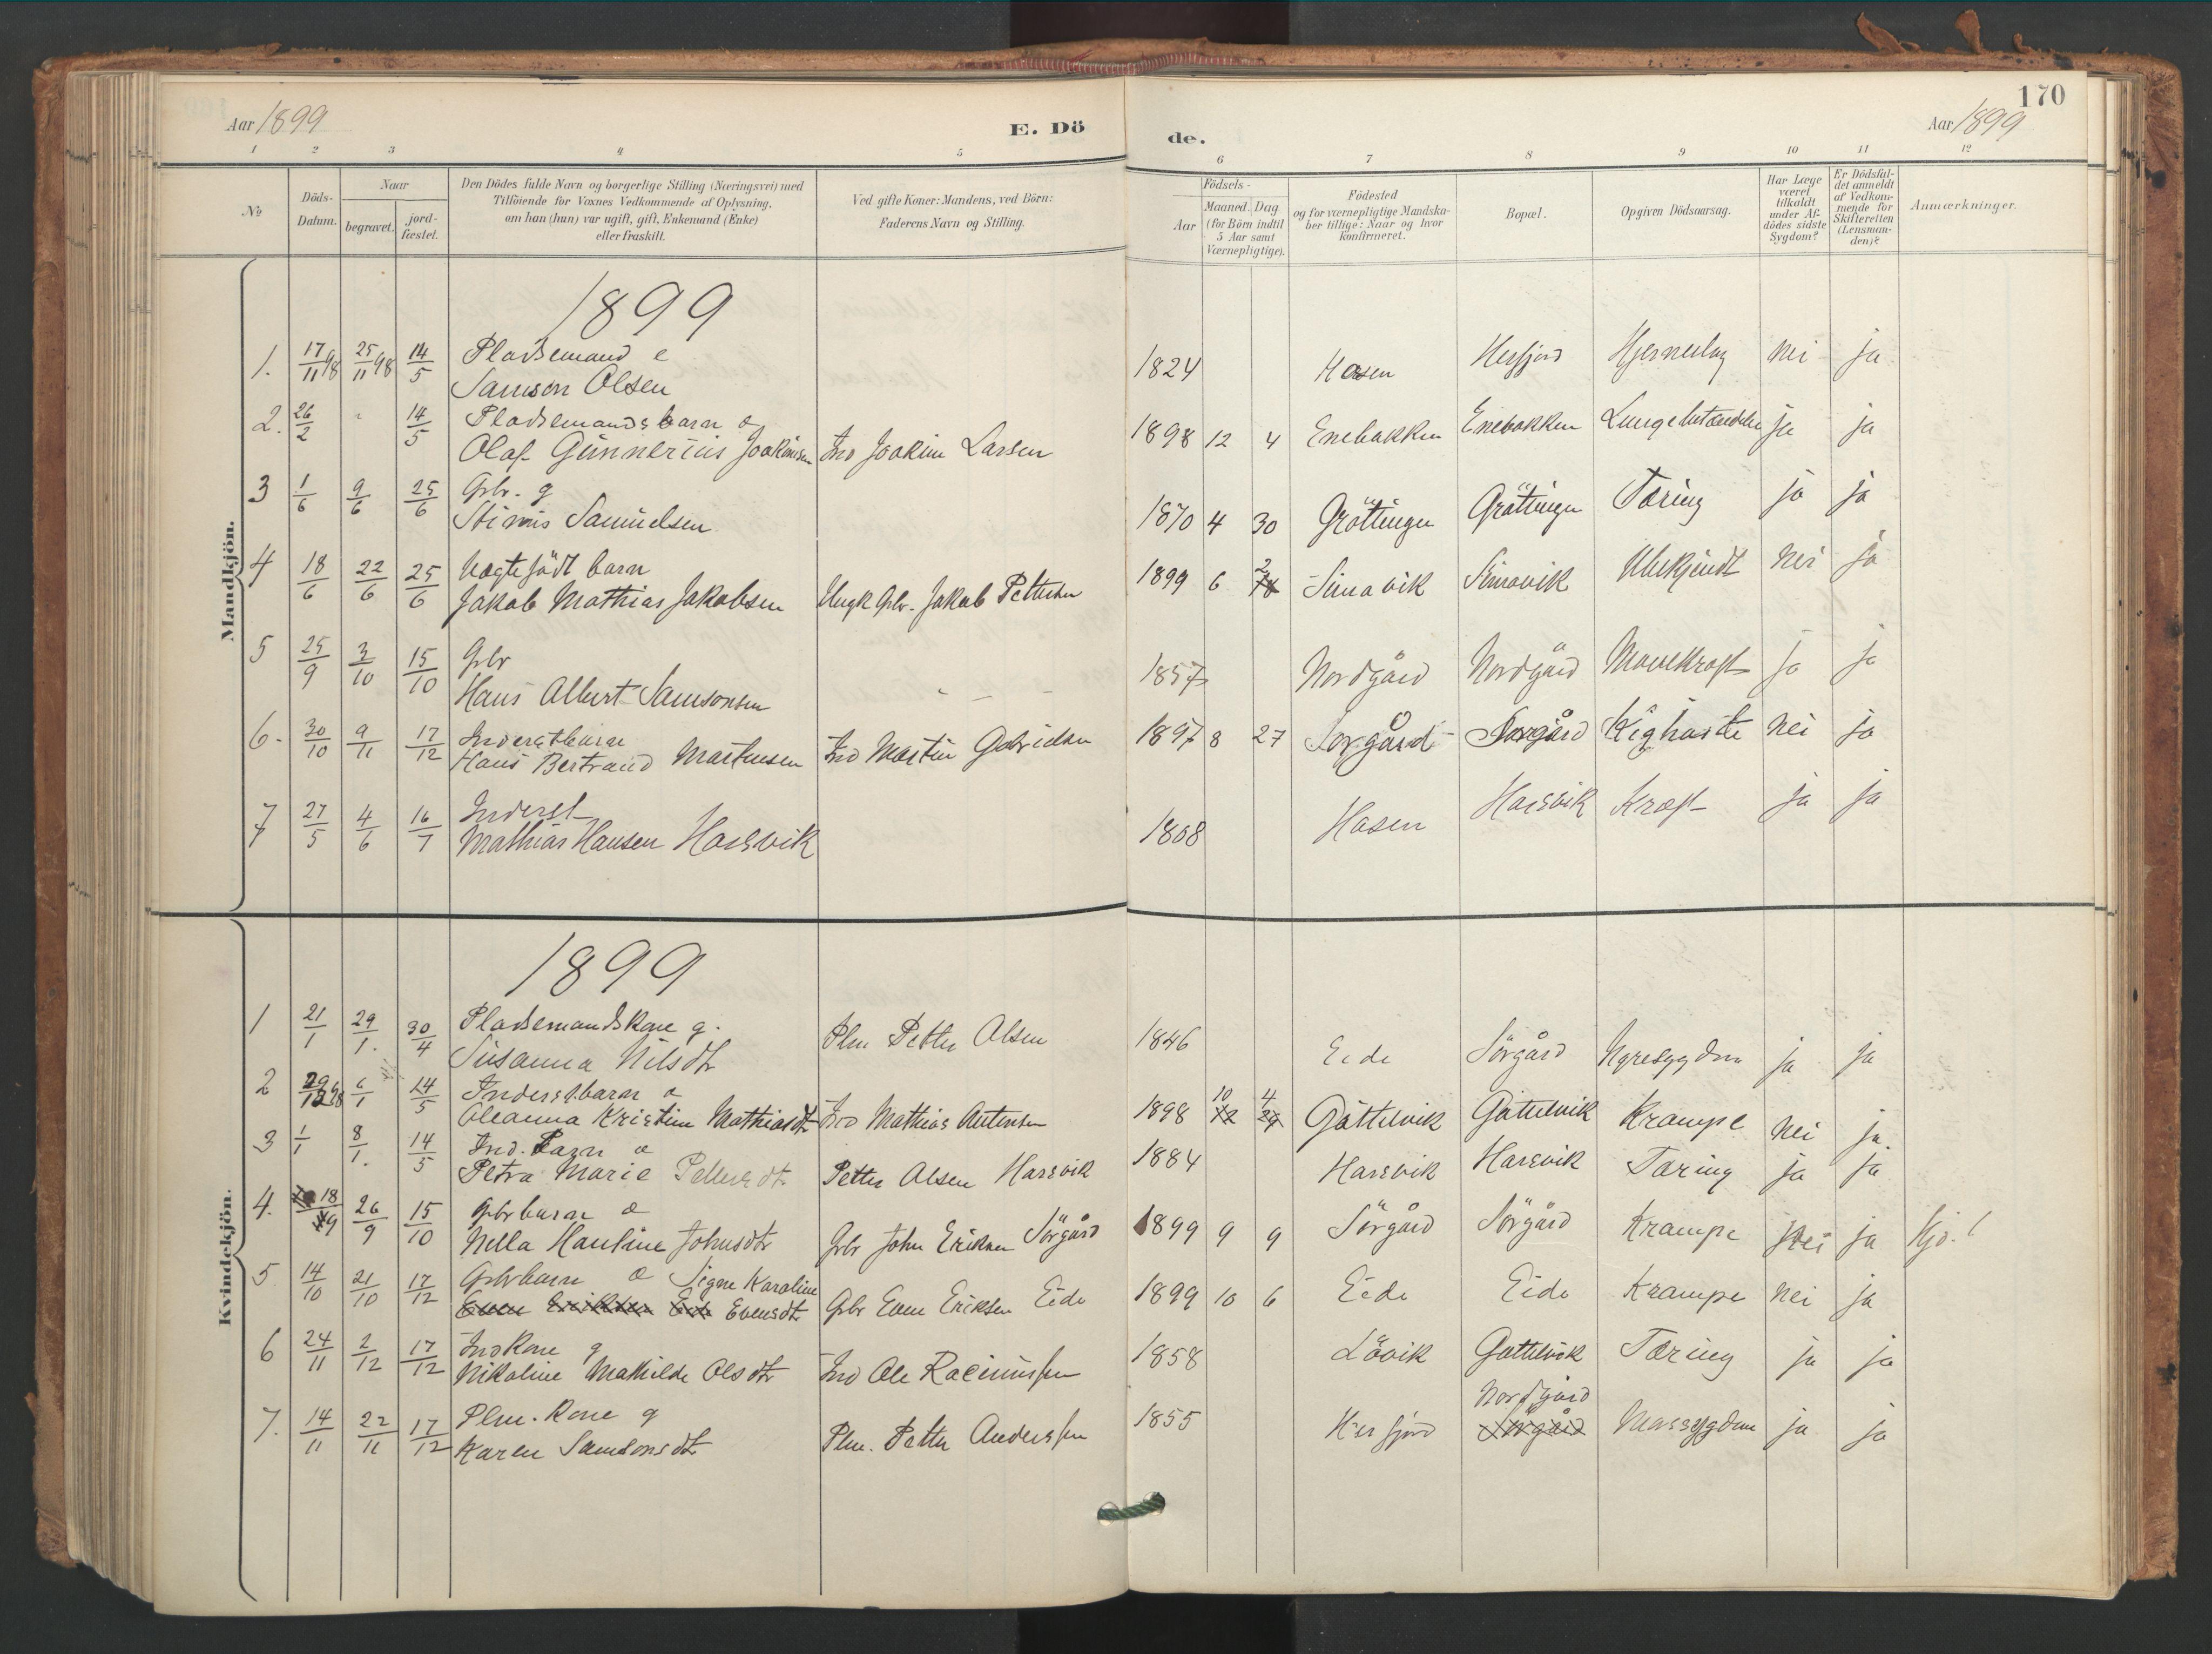 SAT, Ministerialprotokoller, klokkerbøker og fødselsregistre - Sør-Trøndelag, 656/L0693: Ministerialbok nr. 656A02, 1894-1913, s. 170